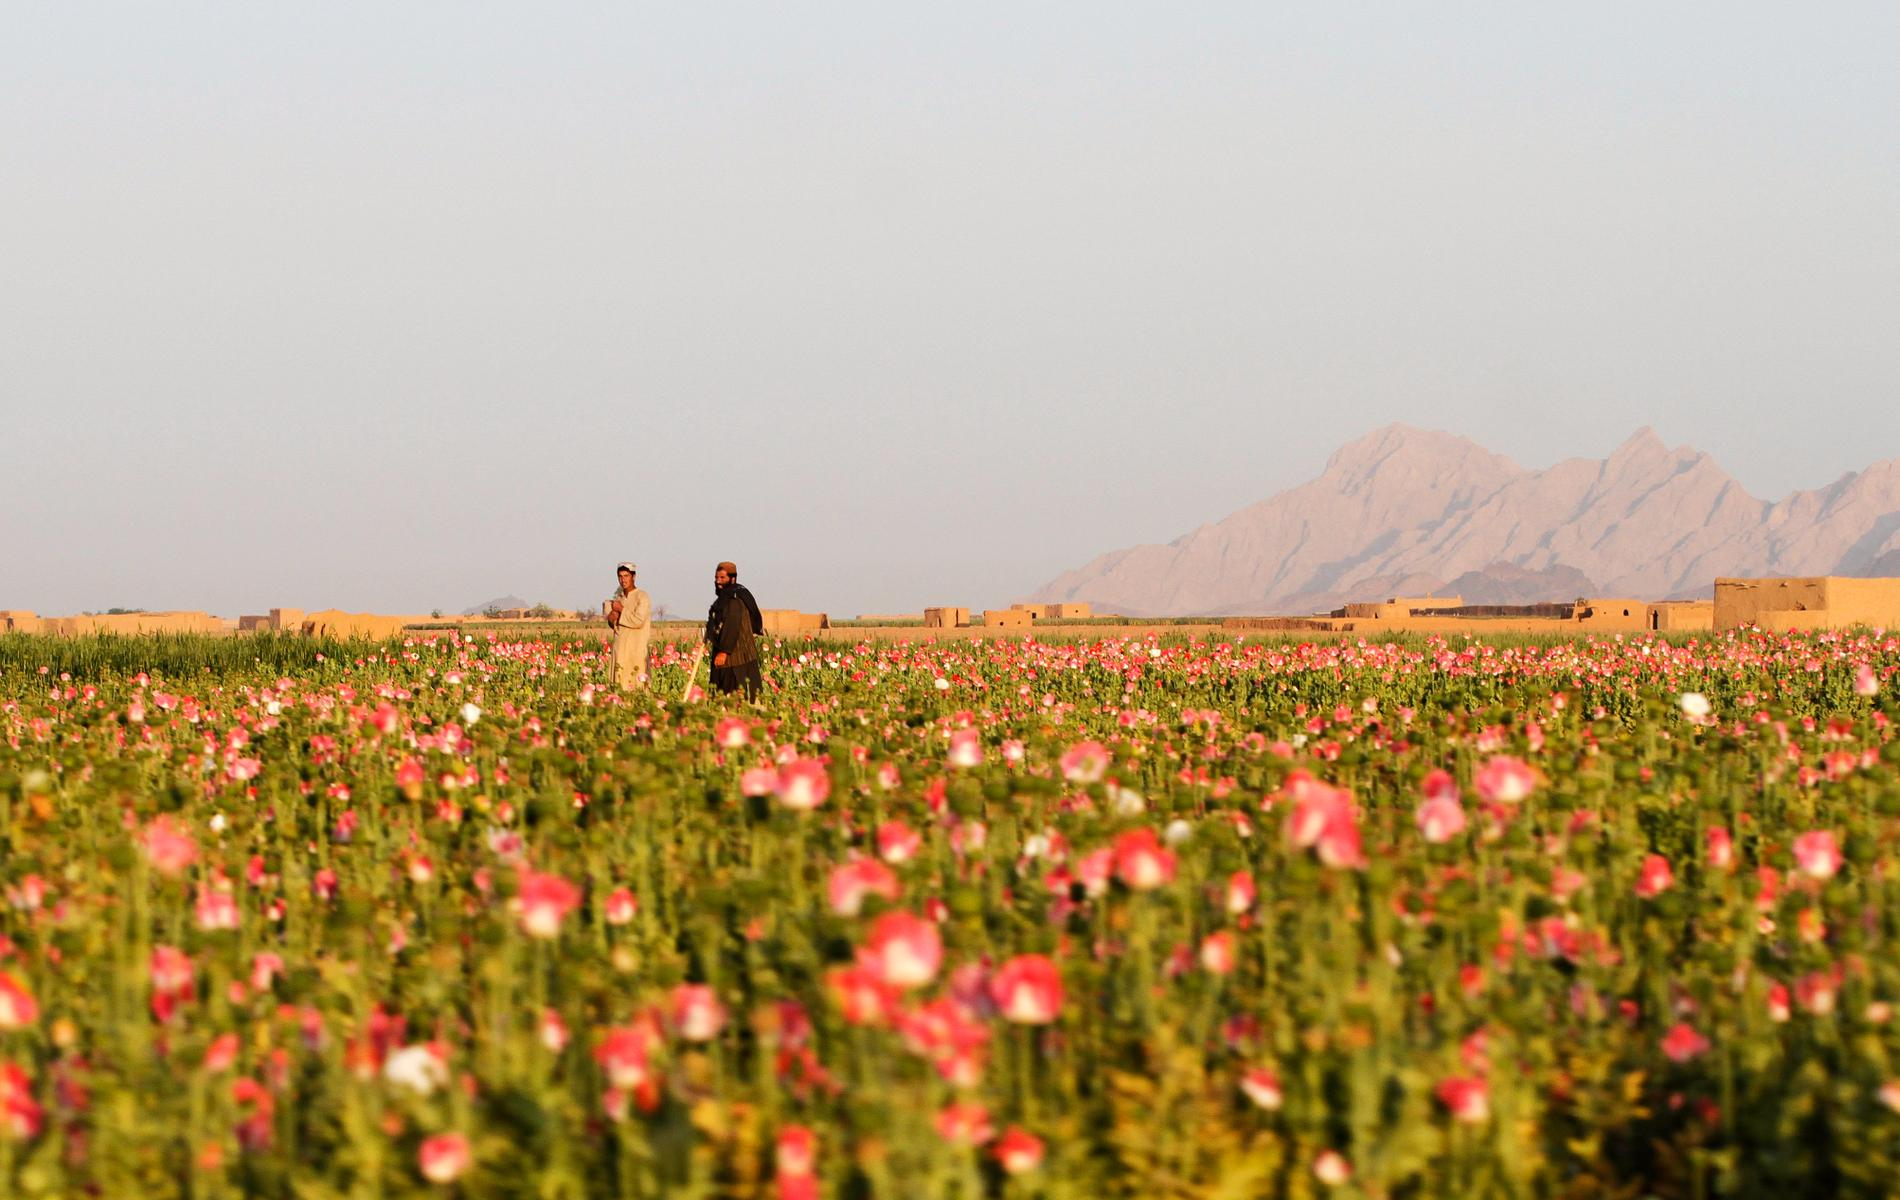 Vallmofält som används för att producera illegala opiater i afghanska Kandahar. Arkivbild.